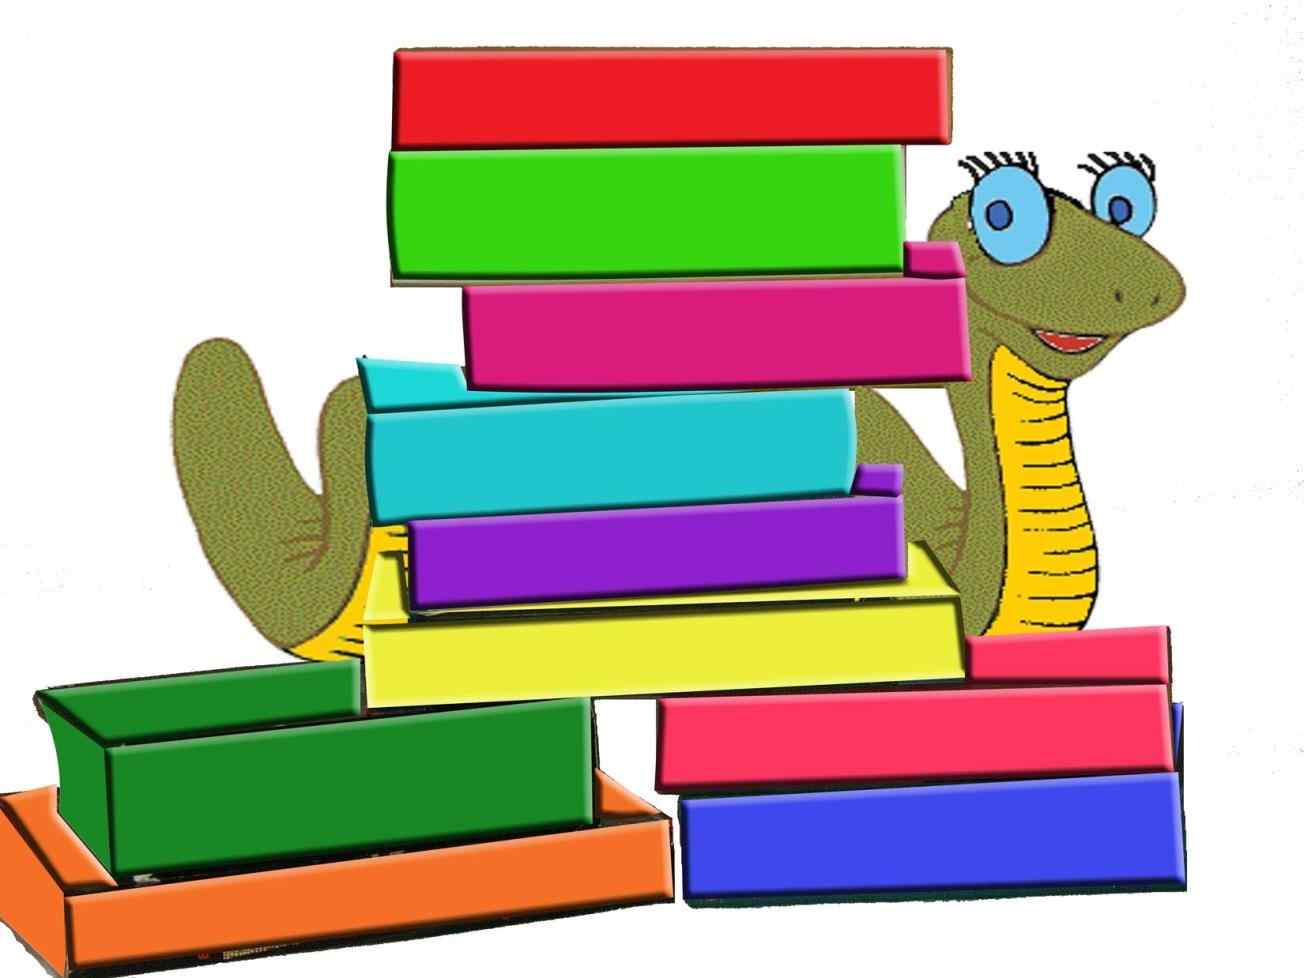 1304x978 Book Shelves Clip Art michelec.info